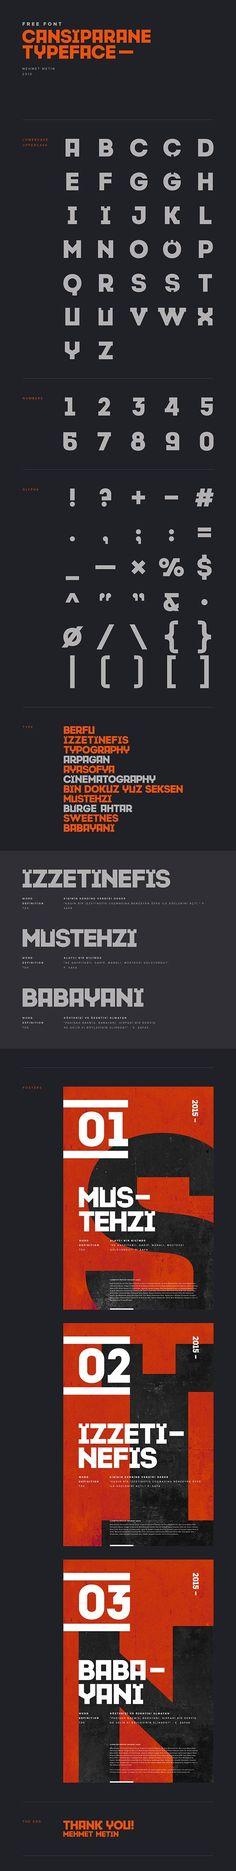 Cansiparane free typeface by Mehmet Metin #free #typeface